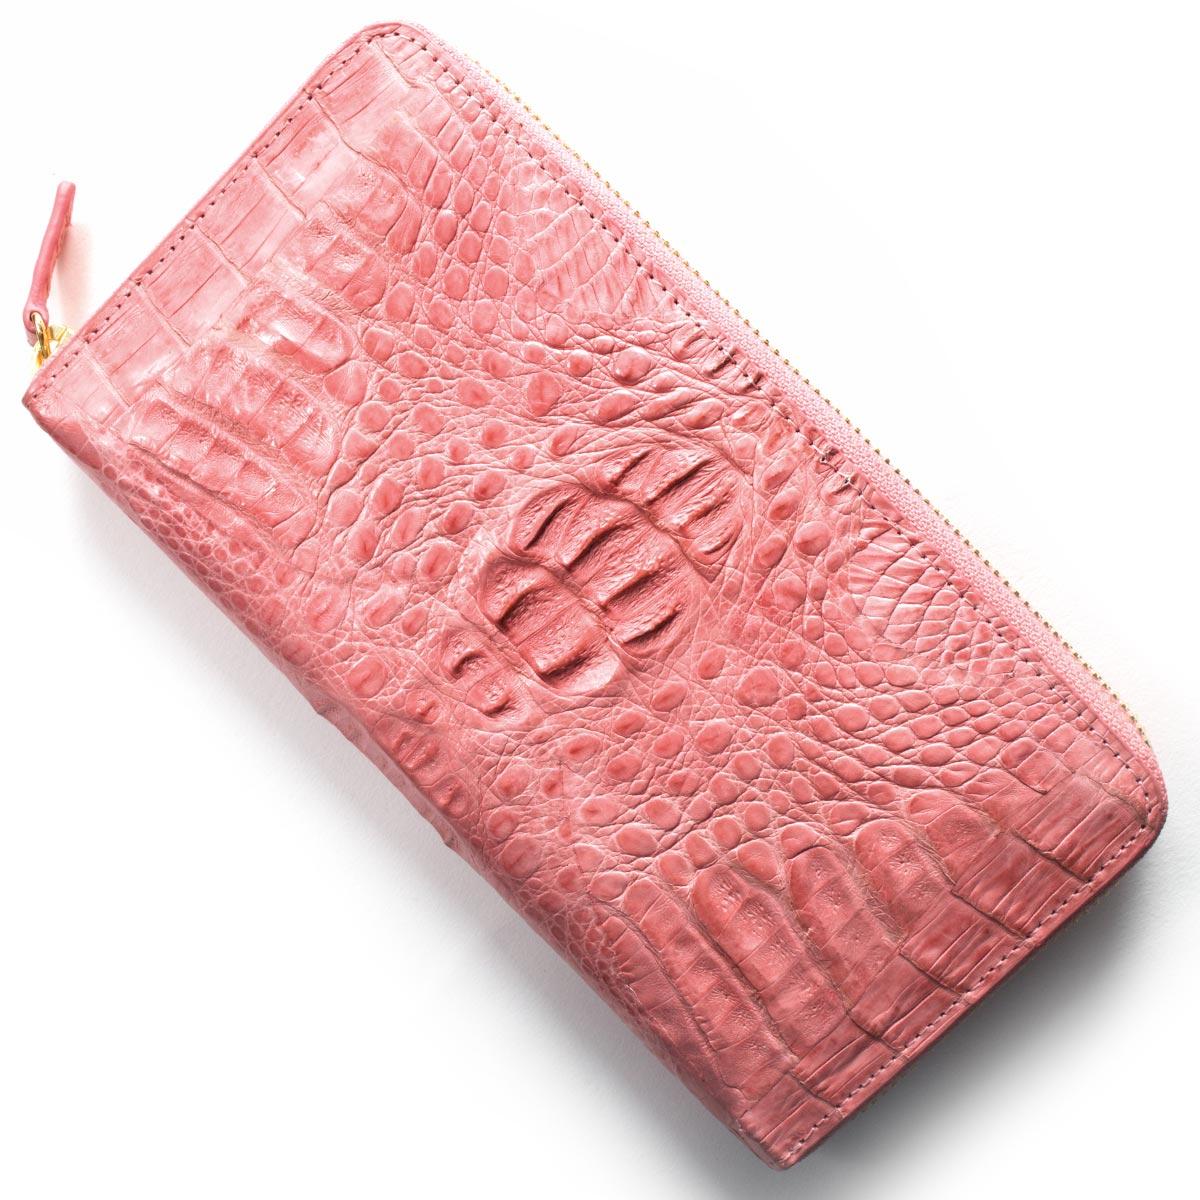 本革 長財布 財布 レディース カイマンワニ CAIMAN GENUINE ピンク CJN0477A PKMT Leather